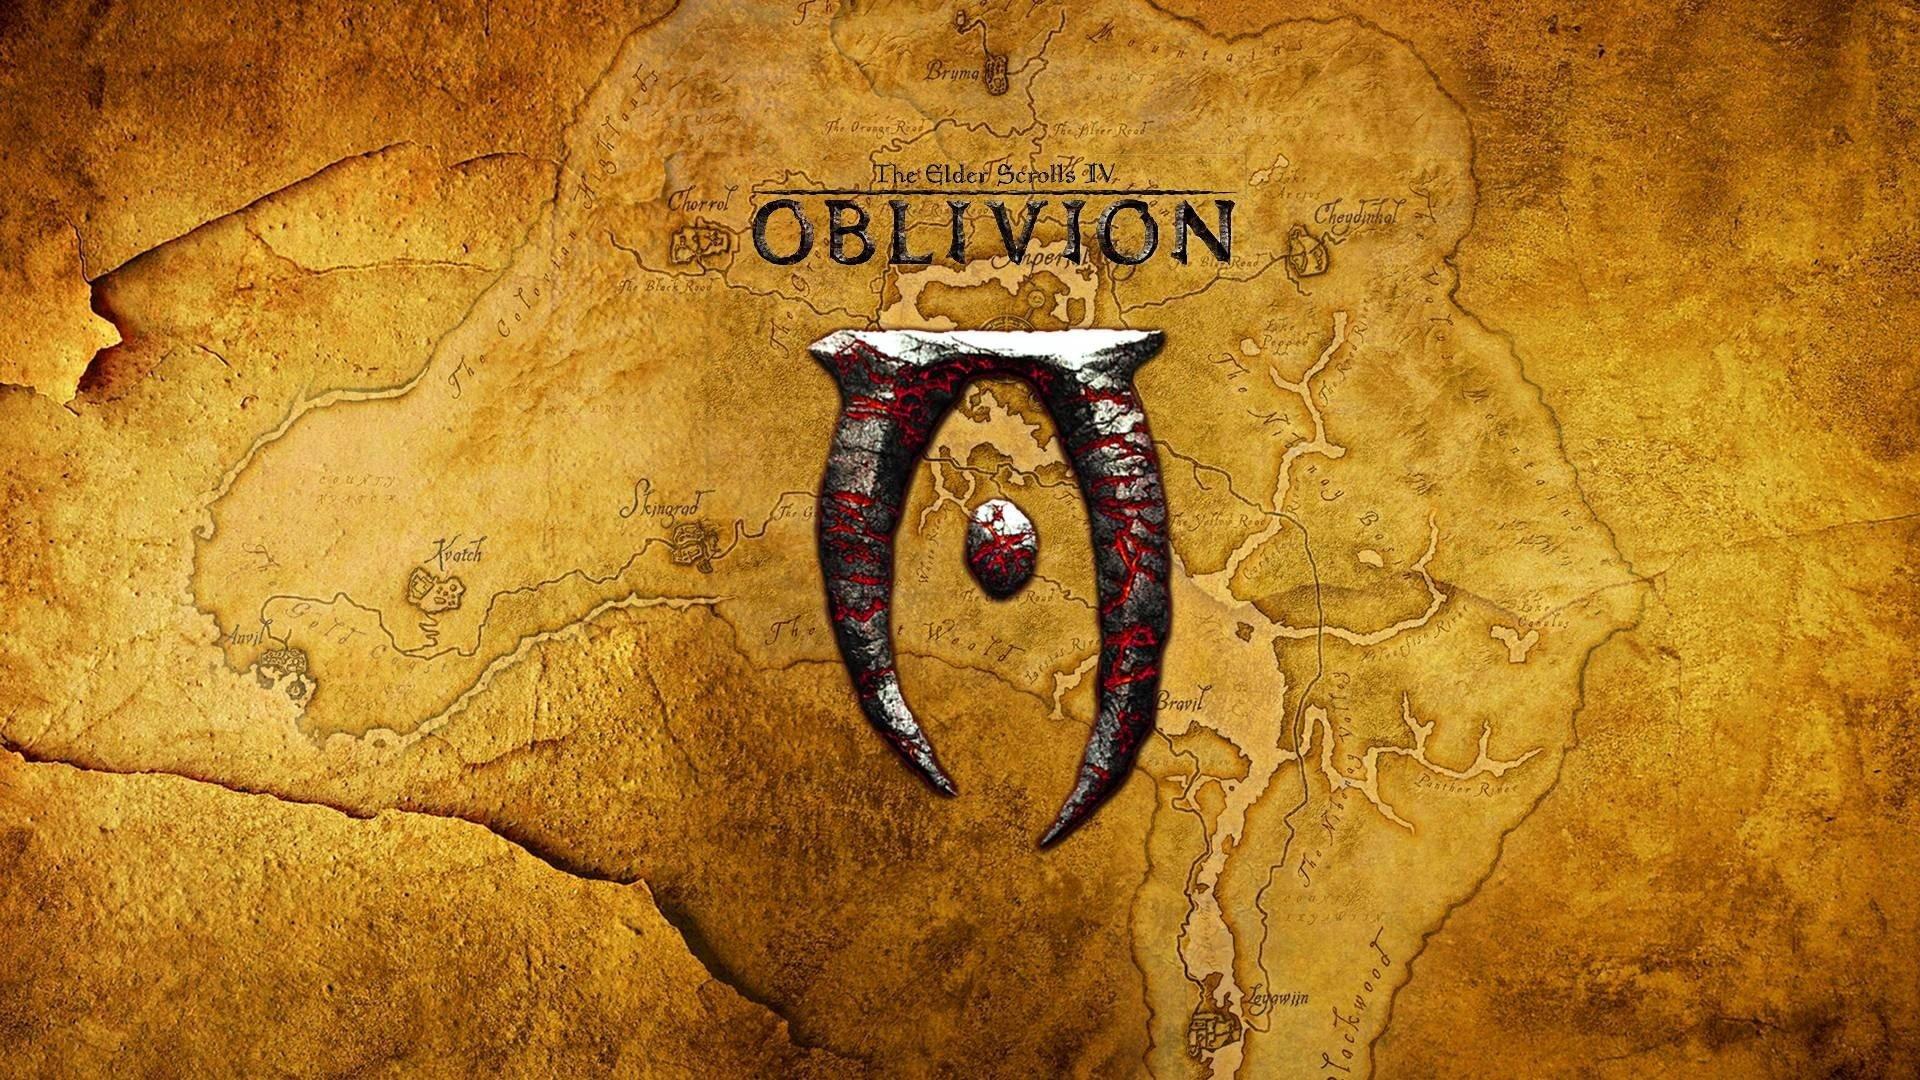 Сегодня исполнилось 9 лет с момента выхода The Elder Scrolls IV: Oblivion!. - Изображение 1